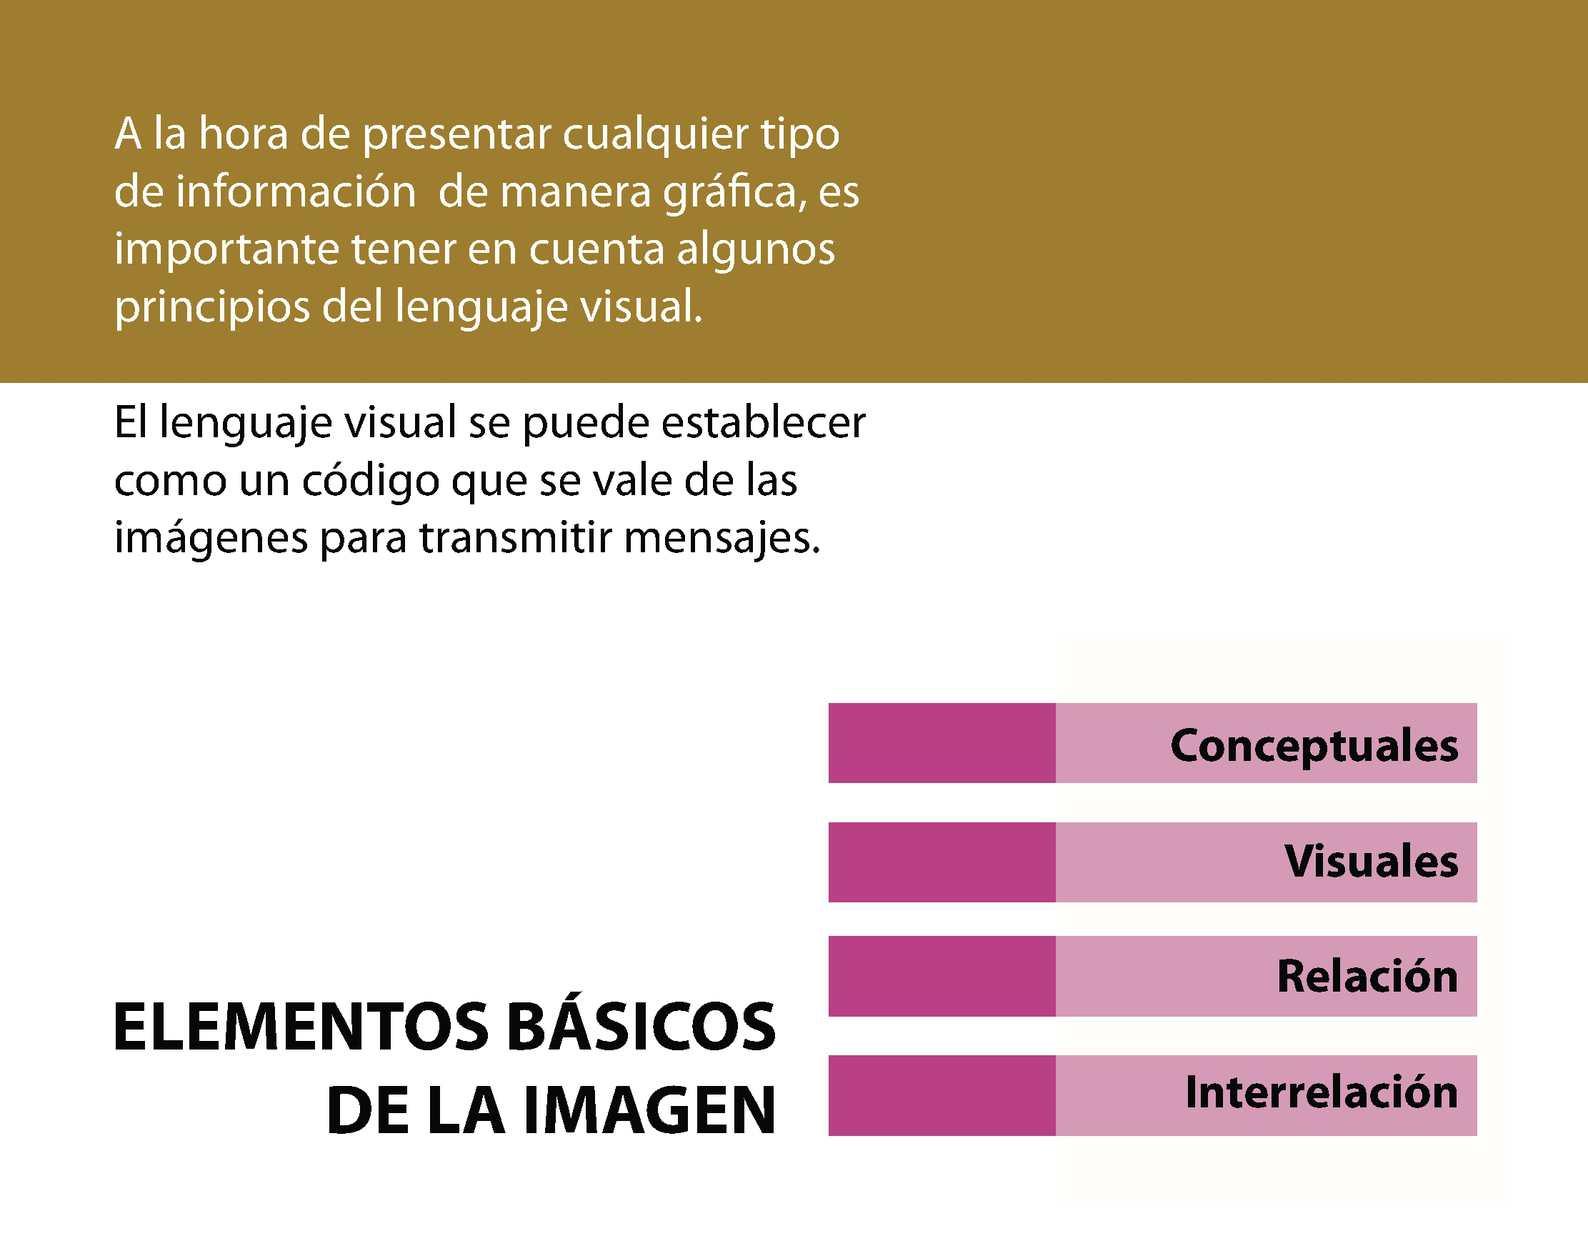 Elementos básicos del lenguaje visual